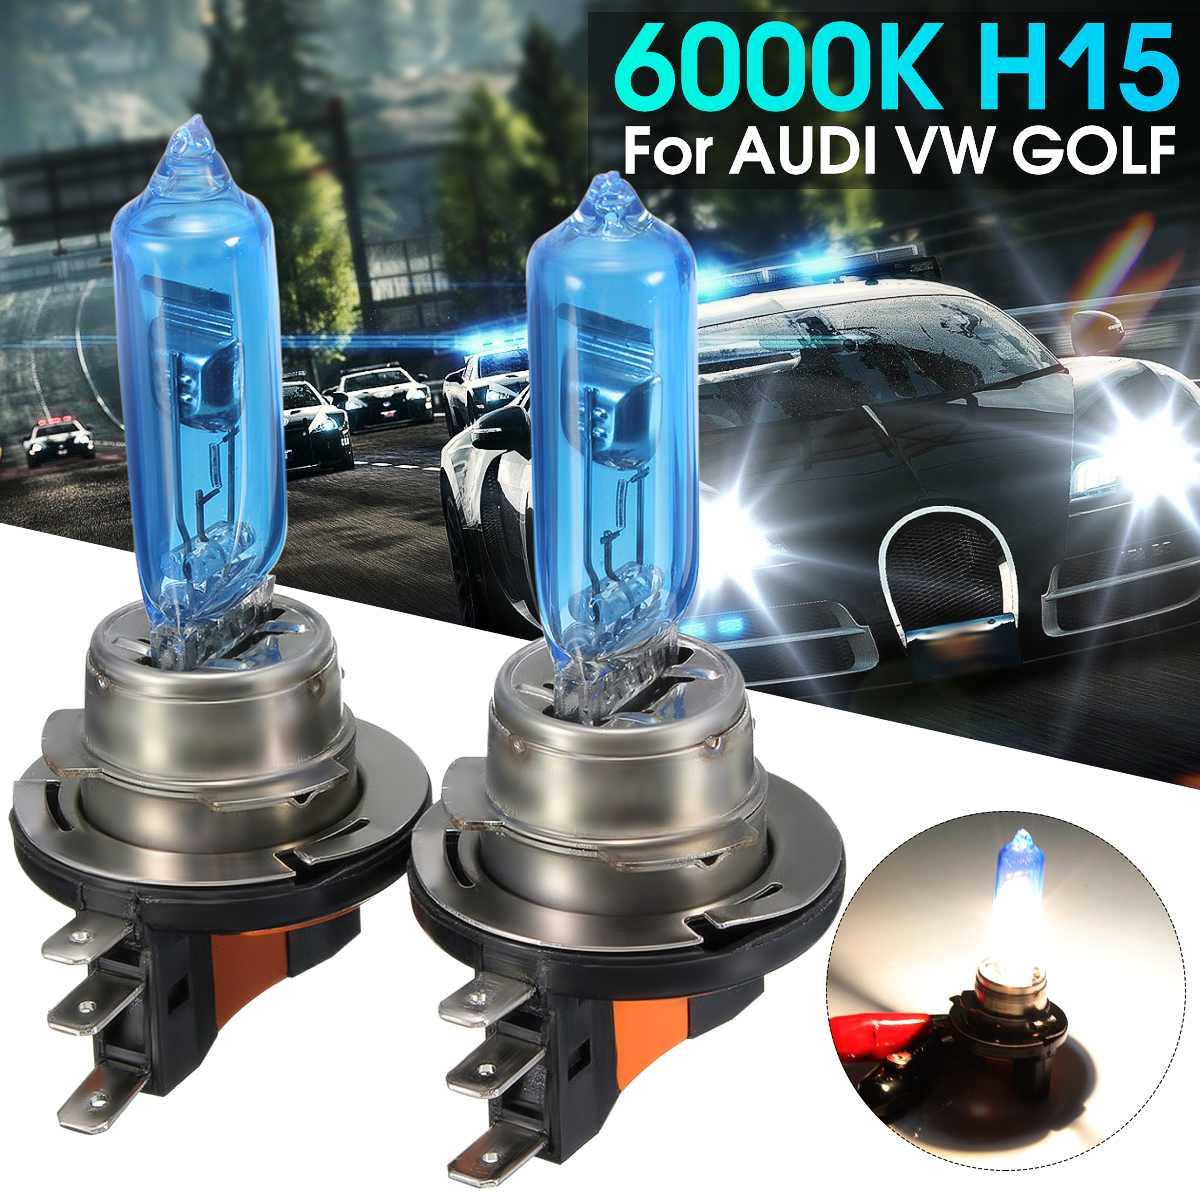 4eead63456f9ea Beste Koop 1 paar 15 W 55 W Auto H15 Super Wit Koplamp Lamp Voor HID 6000 K  Voor AUDI Voor VW GOLF 450LM H 1200LM Goedkoop